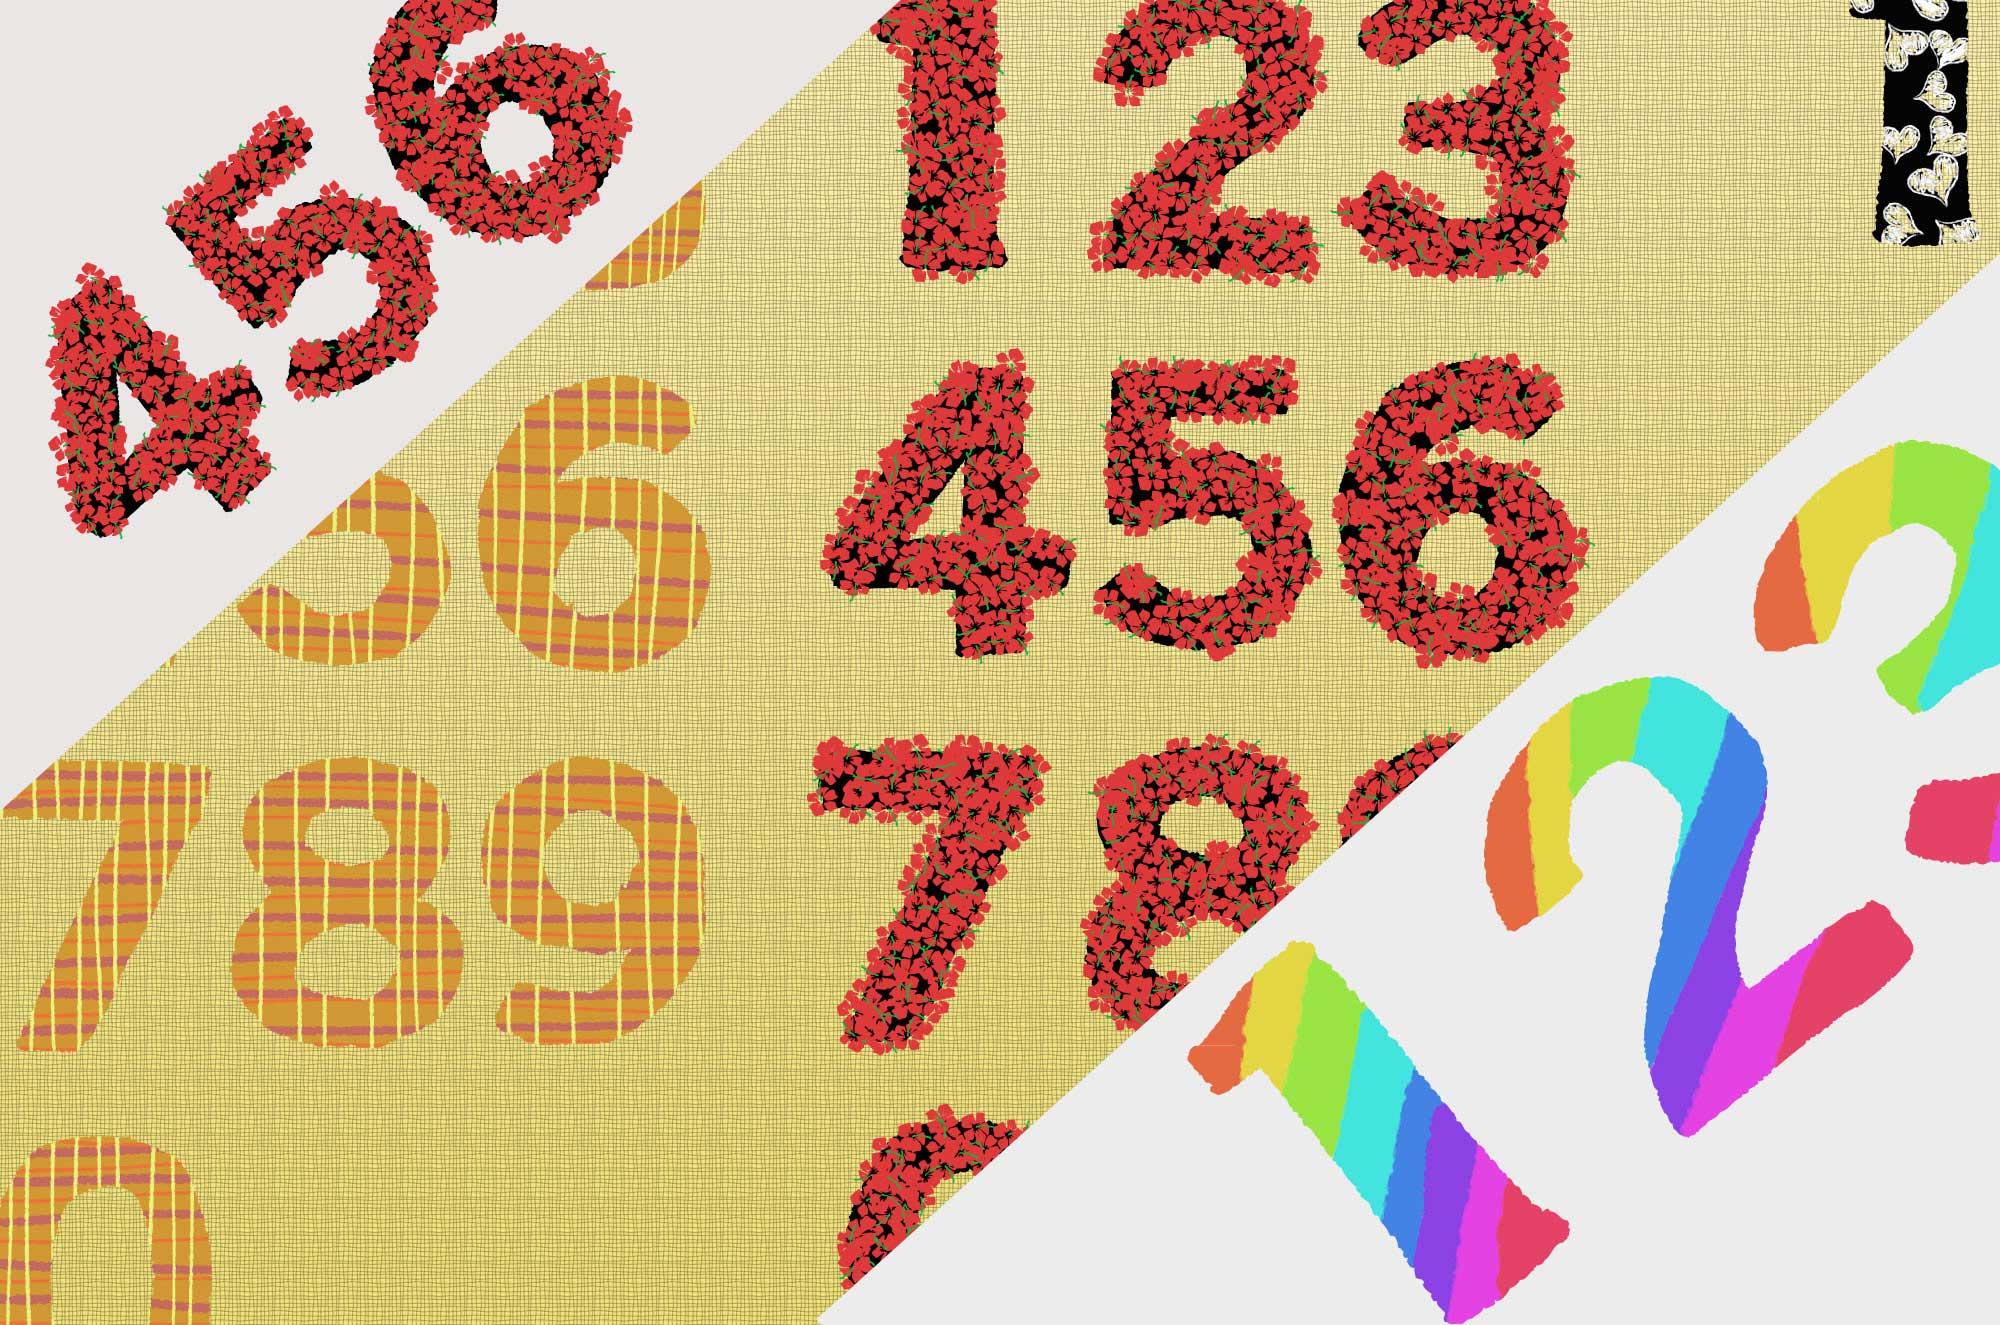 数字イラスト - 手描き風の可愛い1〜9・0の無料素材